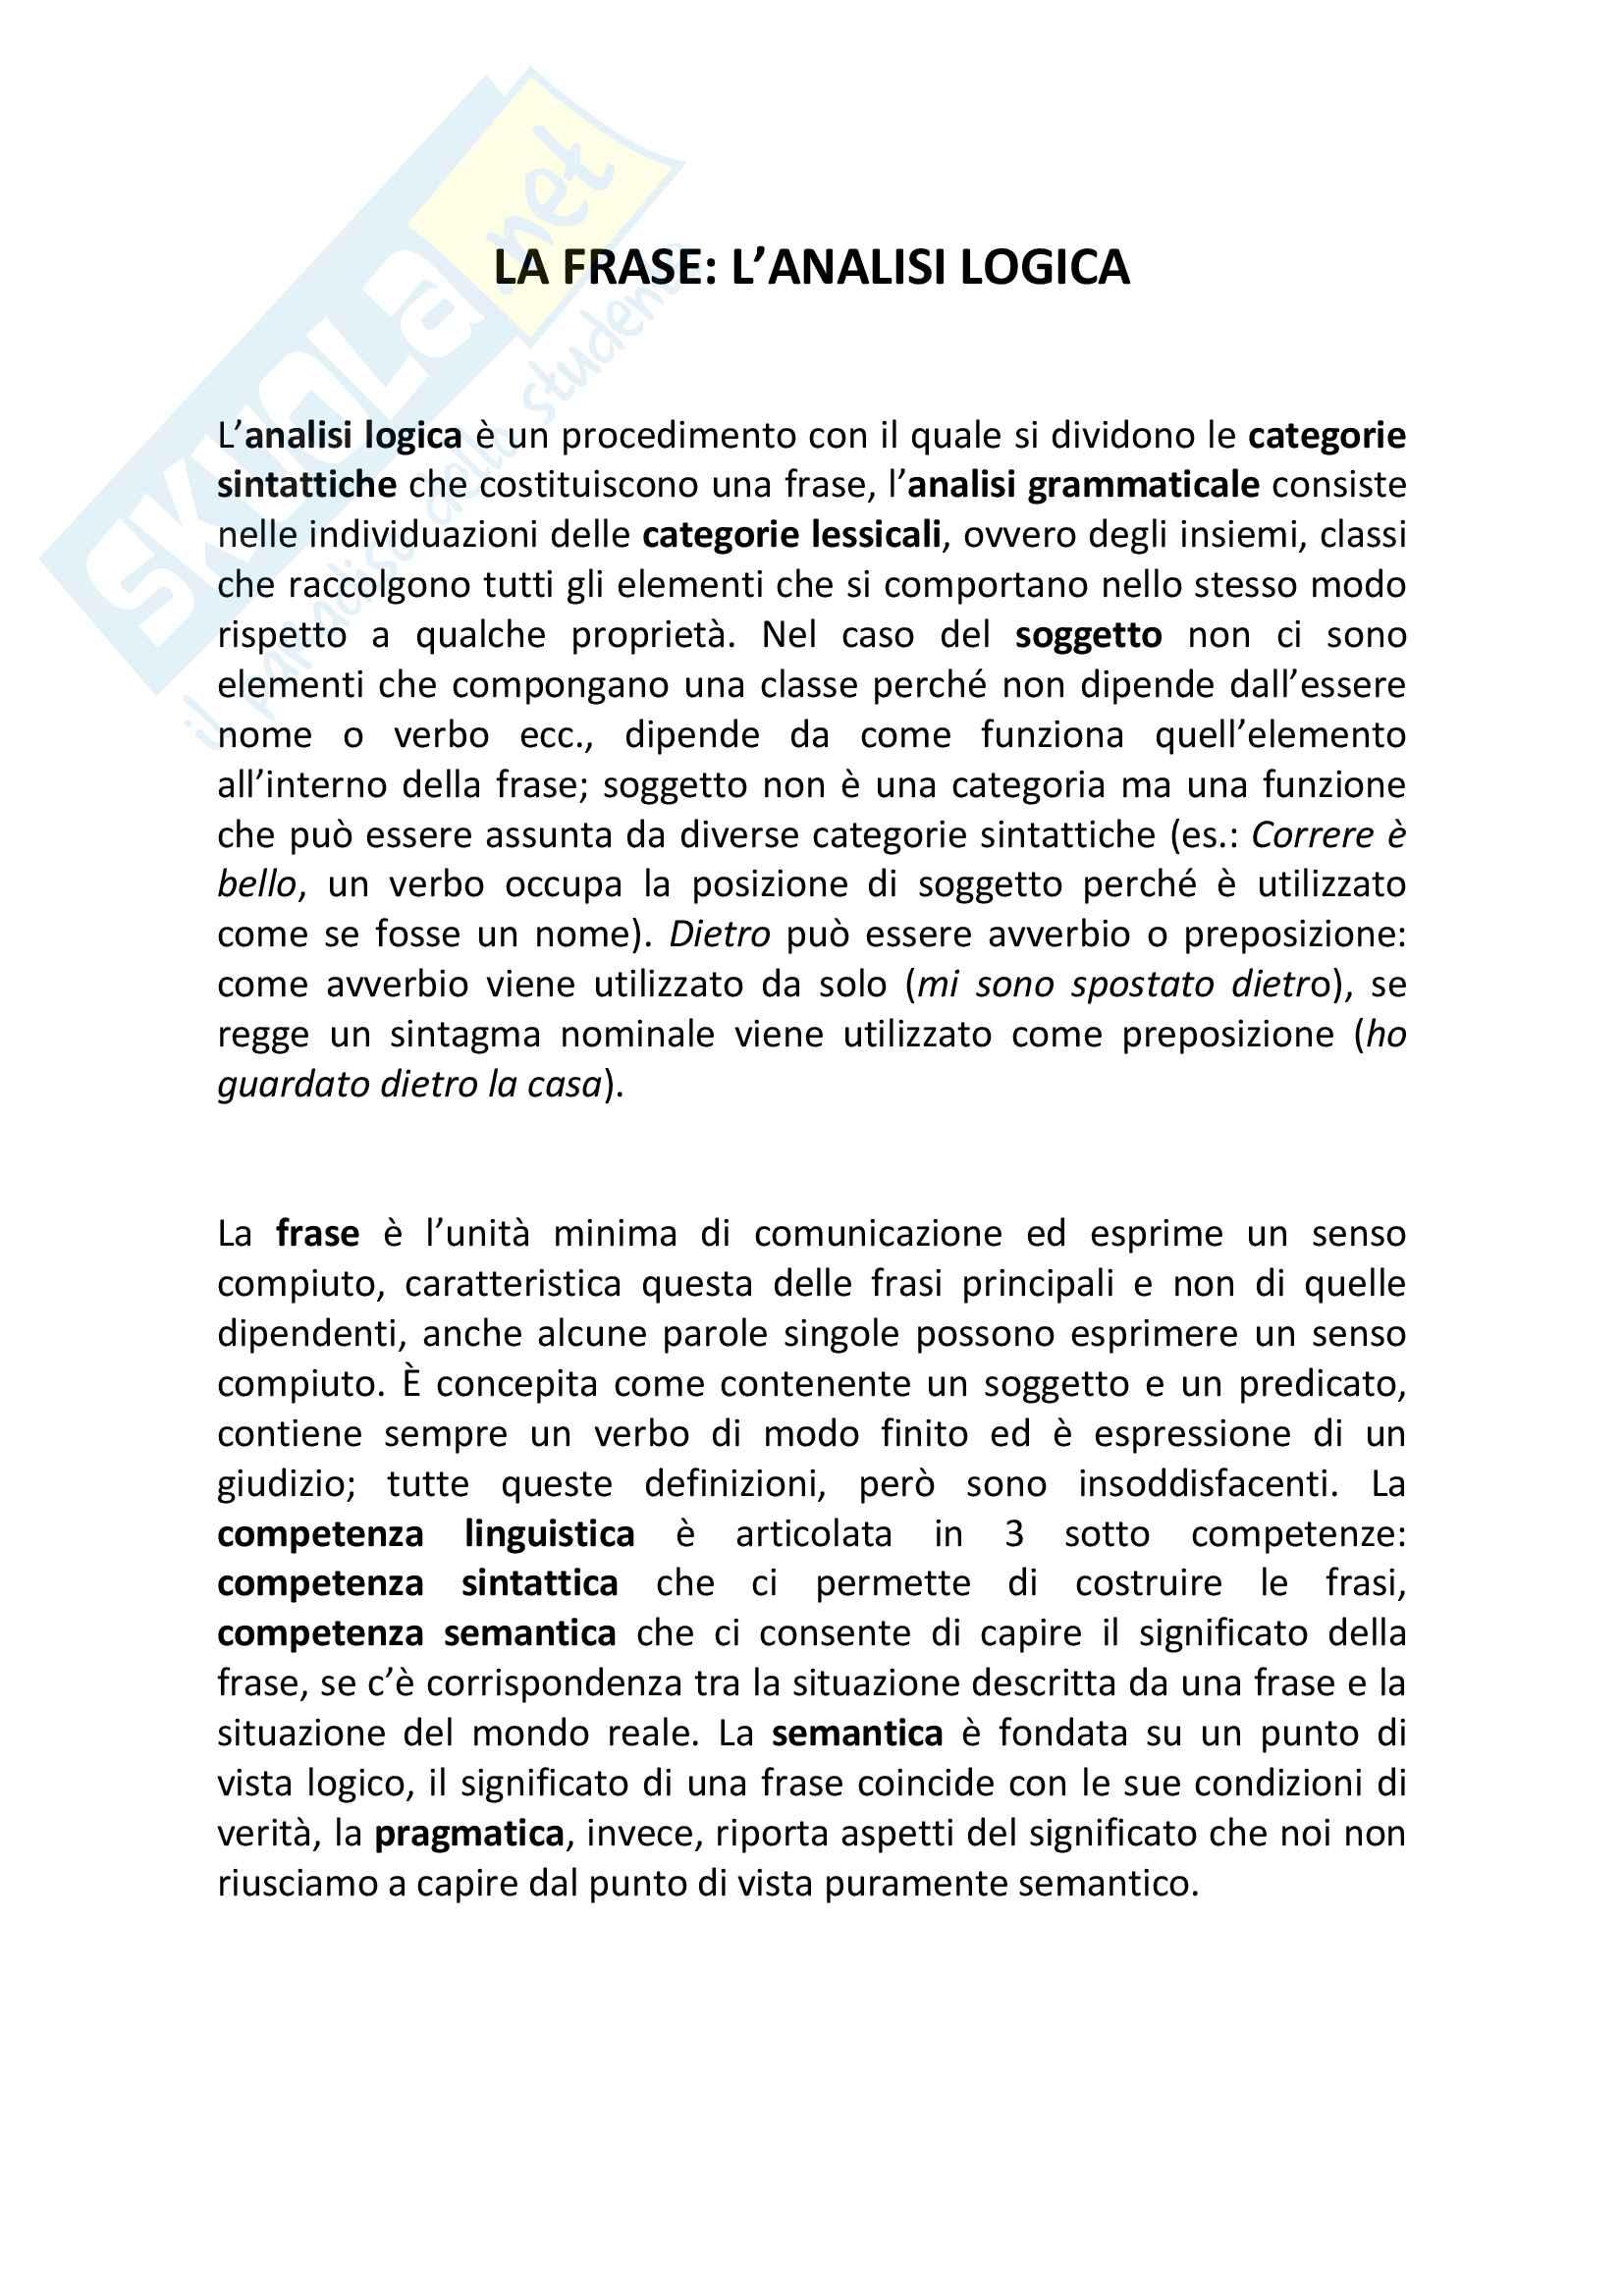 Riassunto esame Linguistica Generale, prof. De Masi, libro consigliato: La frase: l'analisi logica, Graffi